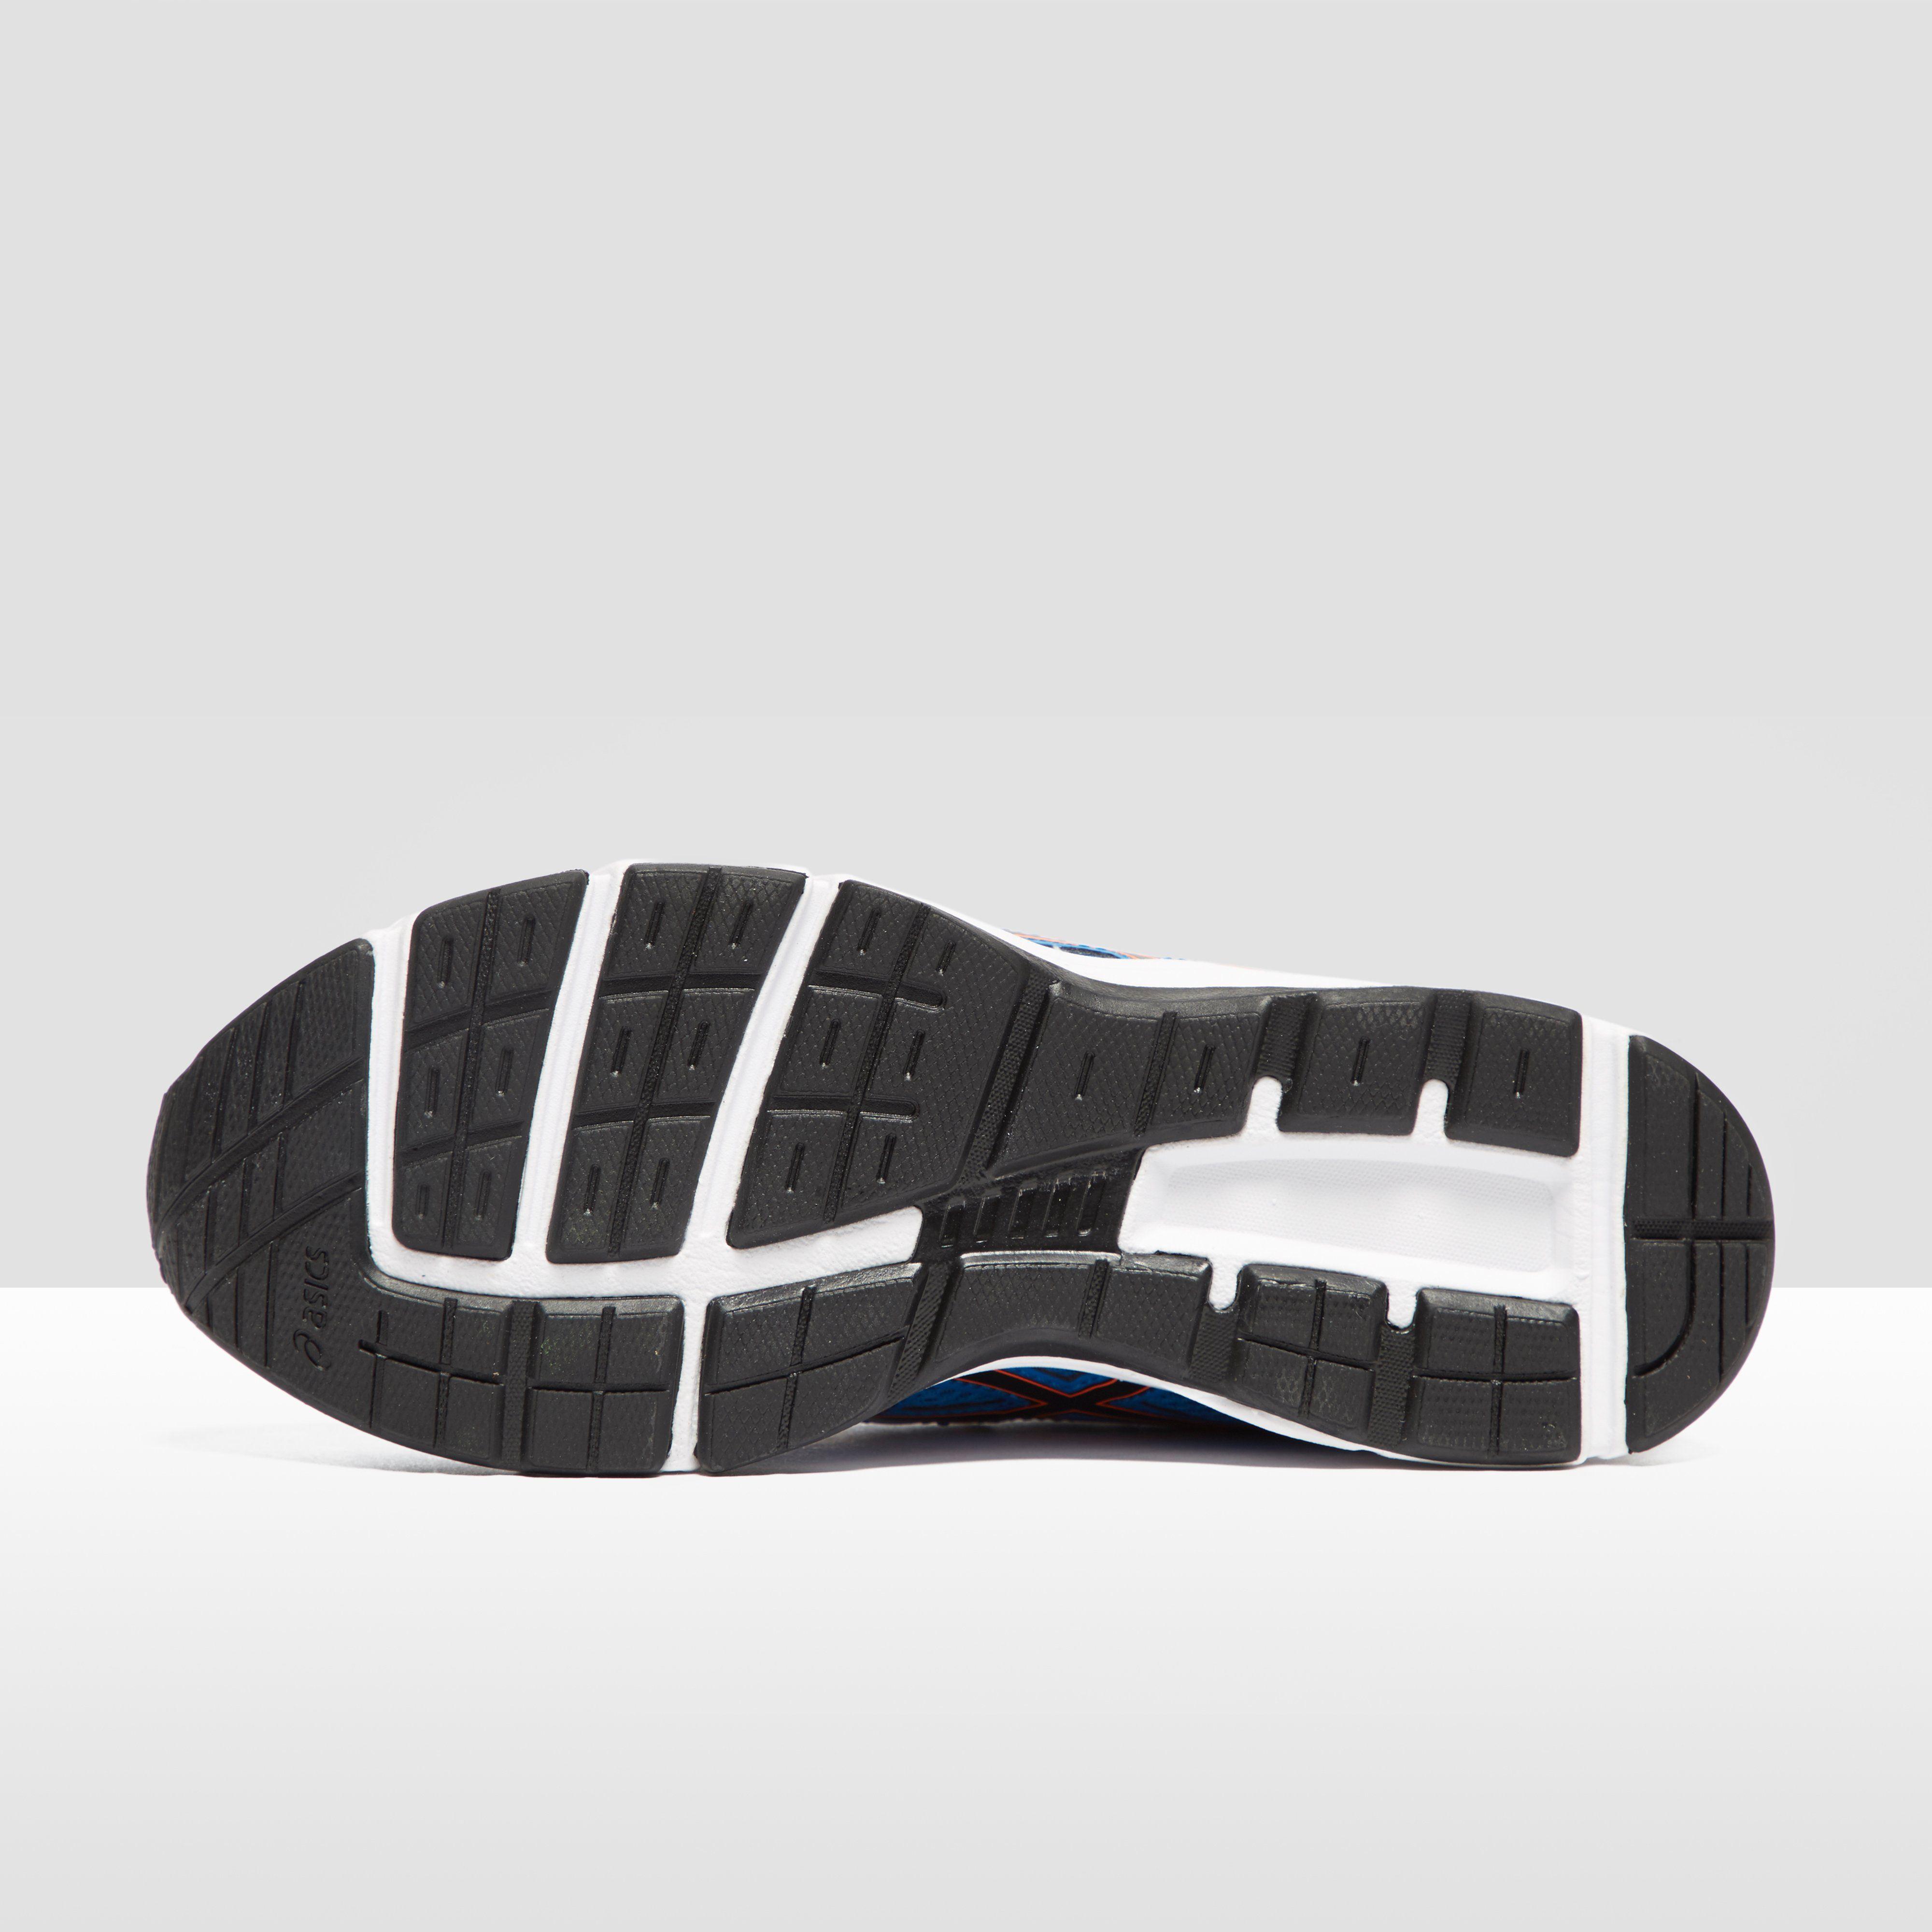 ASICS Gel-Blackheath 9 GS Boy's Hockey Shoes